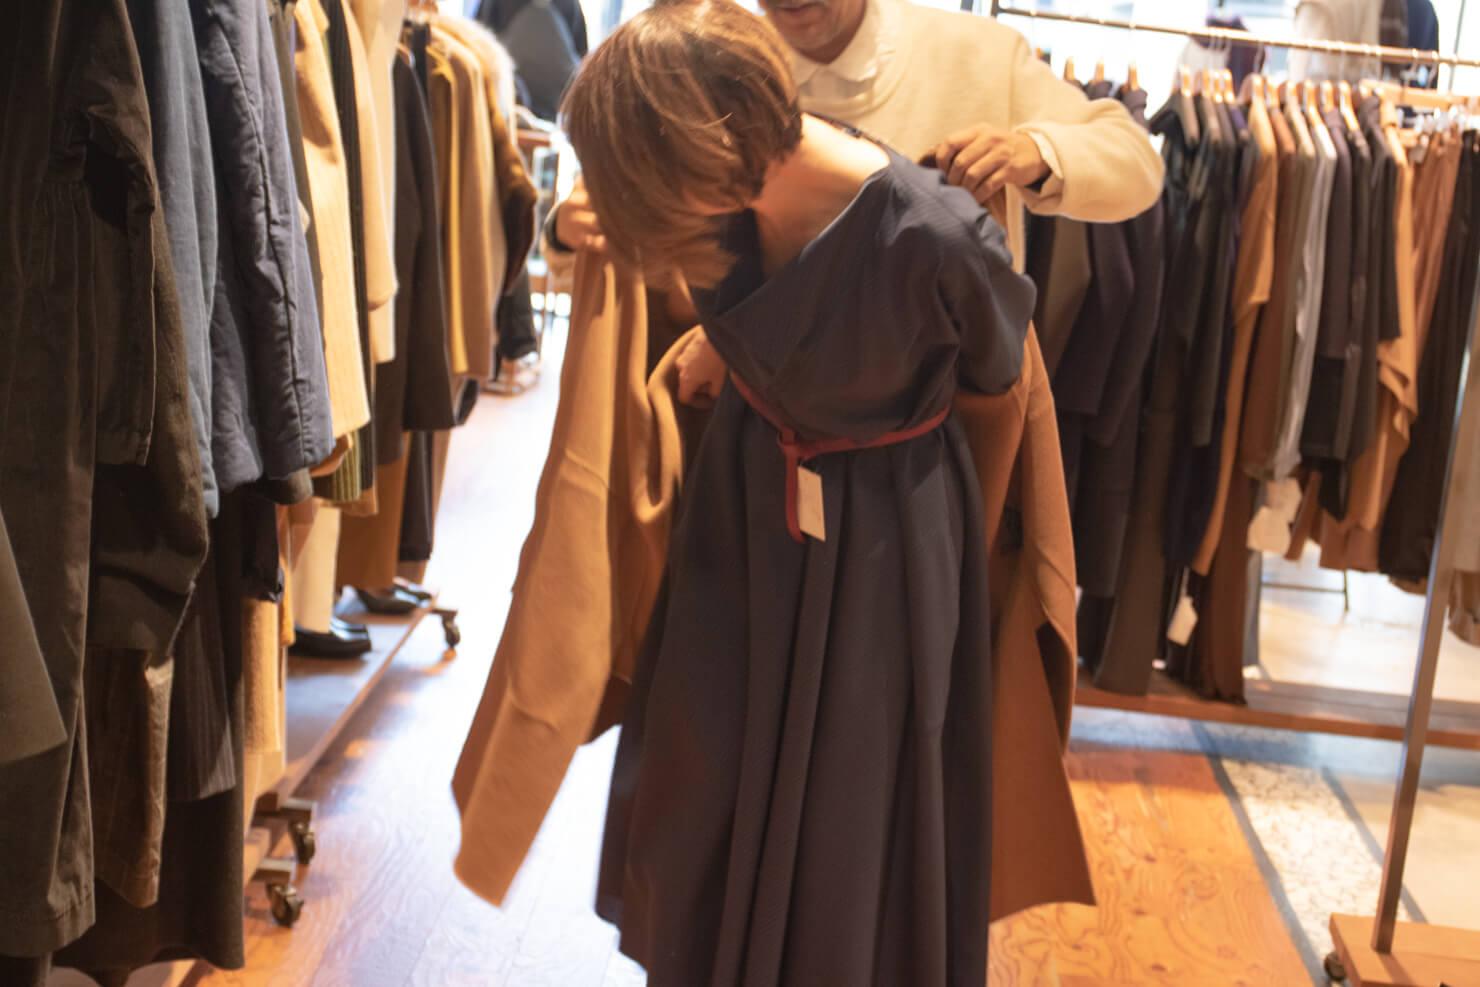 ソフィドールのワンピースの上にコートを着せてもらっているガッツの写真